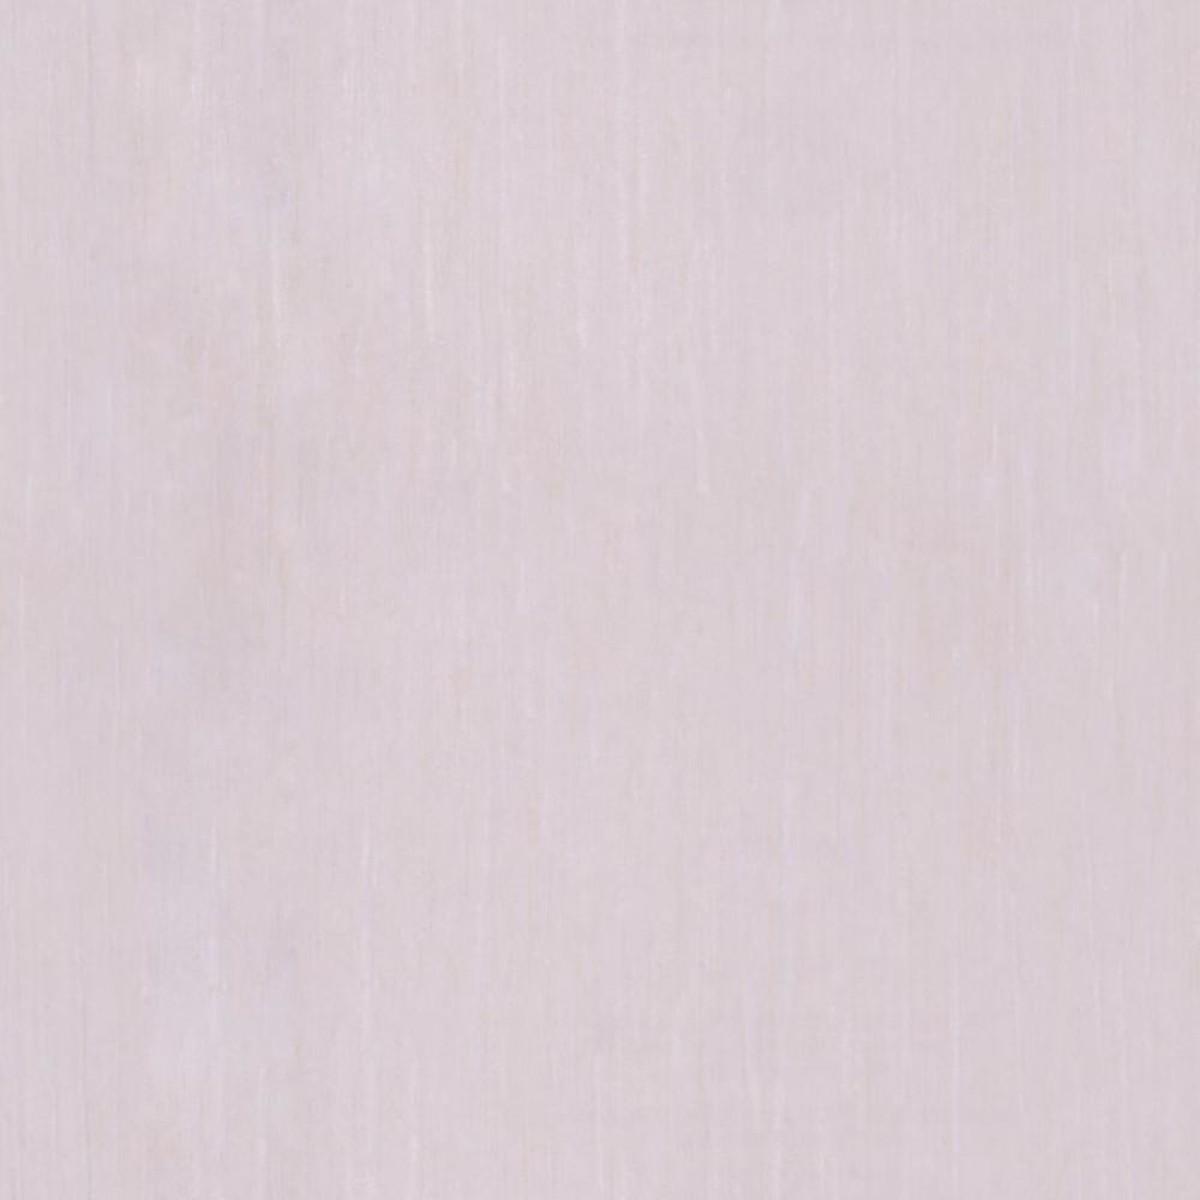 Обои флизелиновые Wiganford Elizabeth розовые 0.53 м EL21402